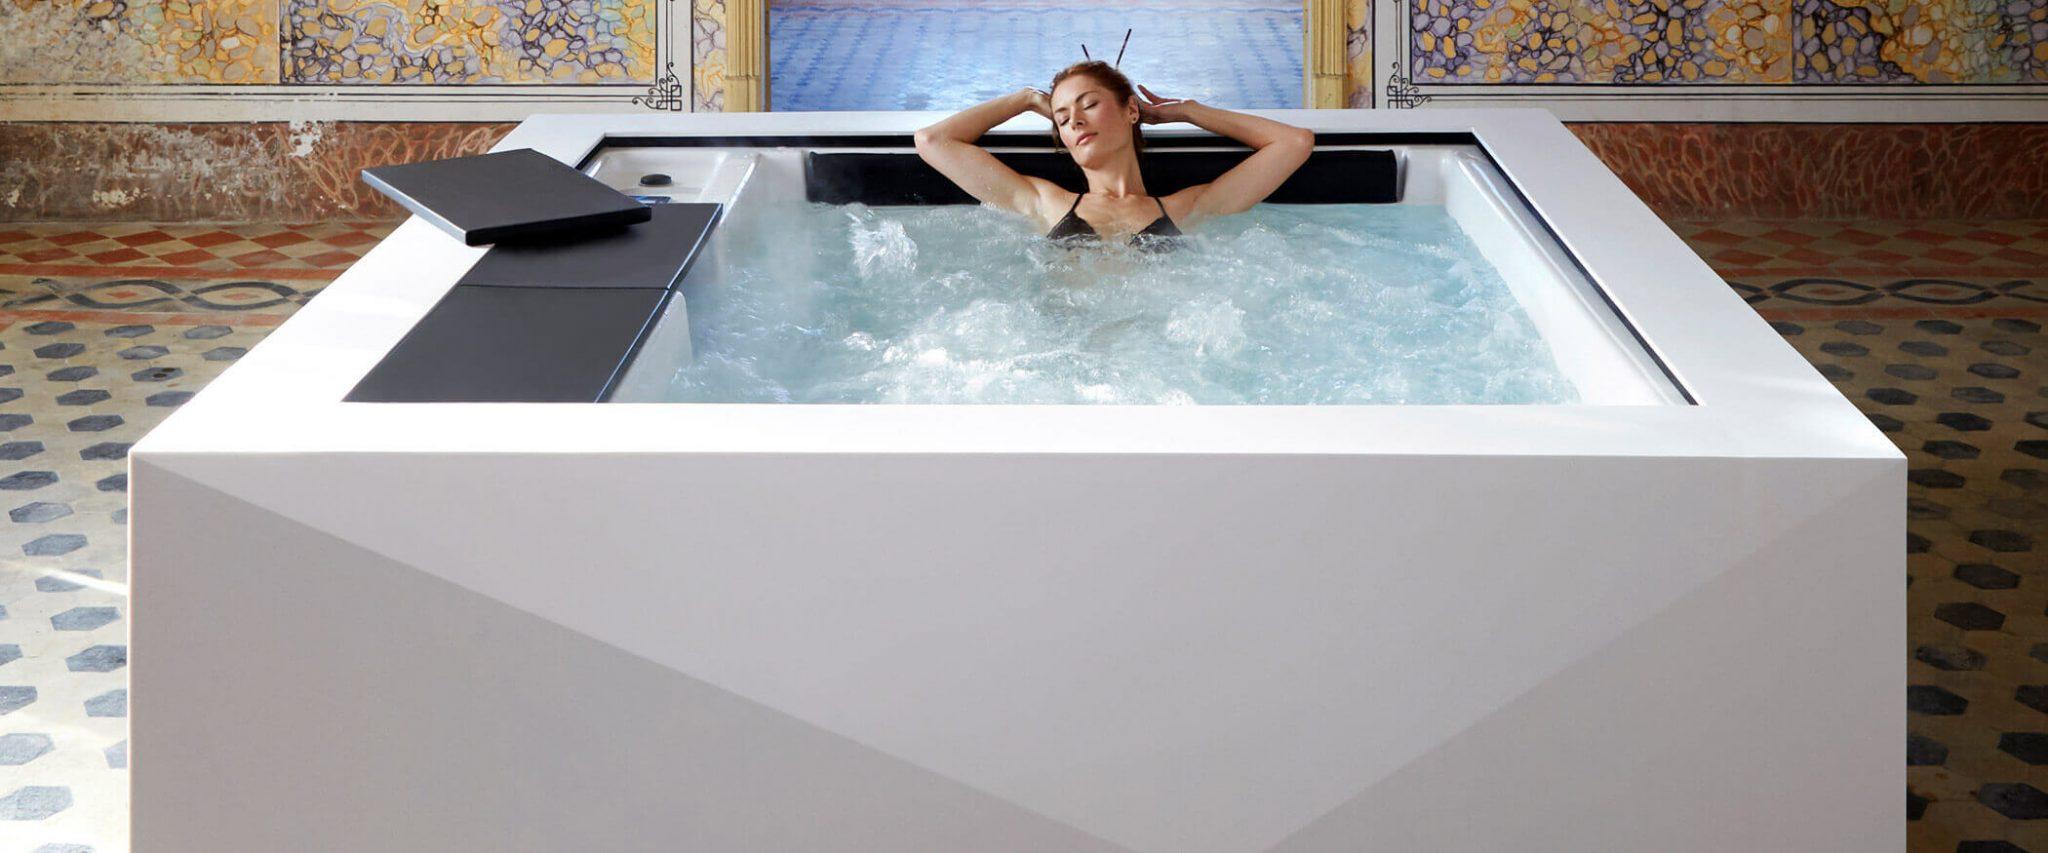 aquaviacervera30715_ok-4-1 Наружные SPA ванны